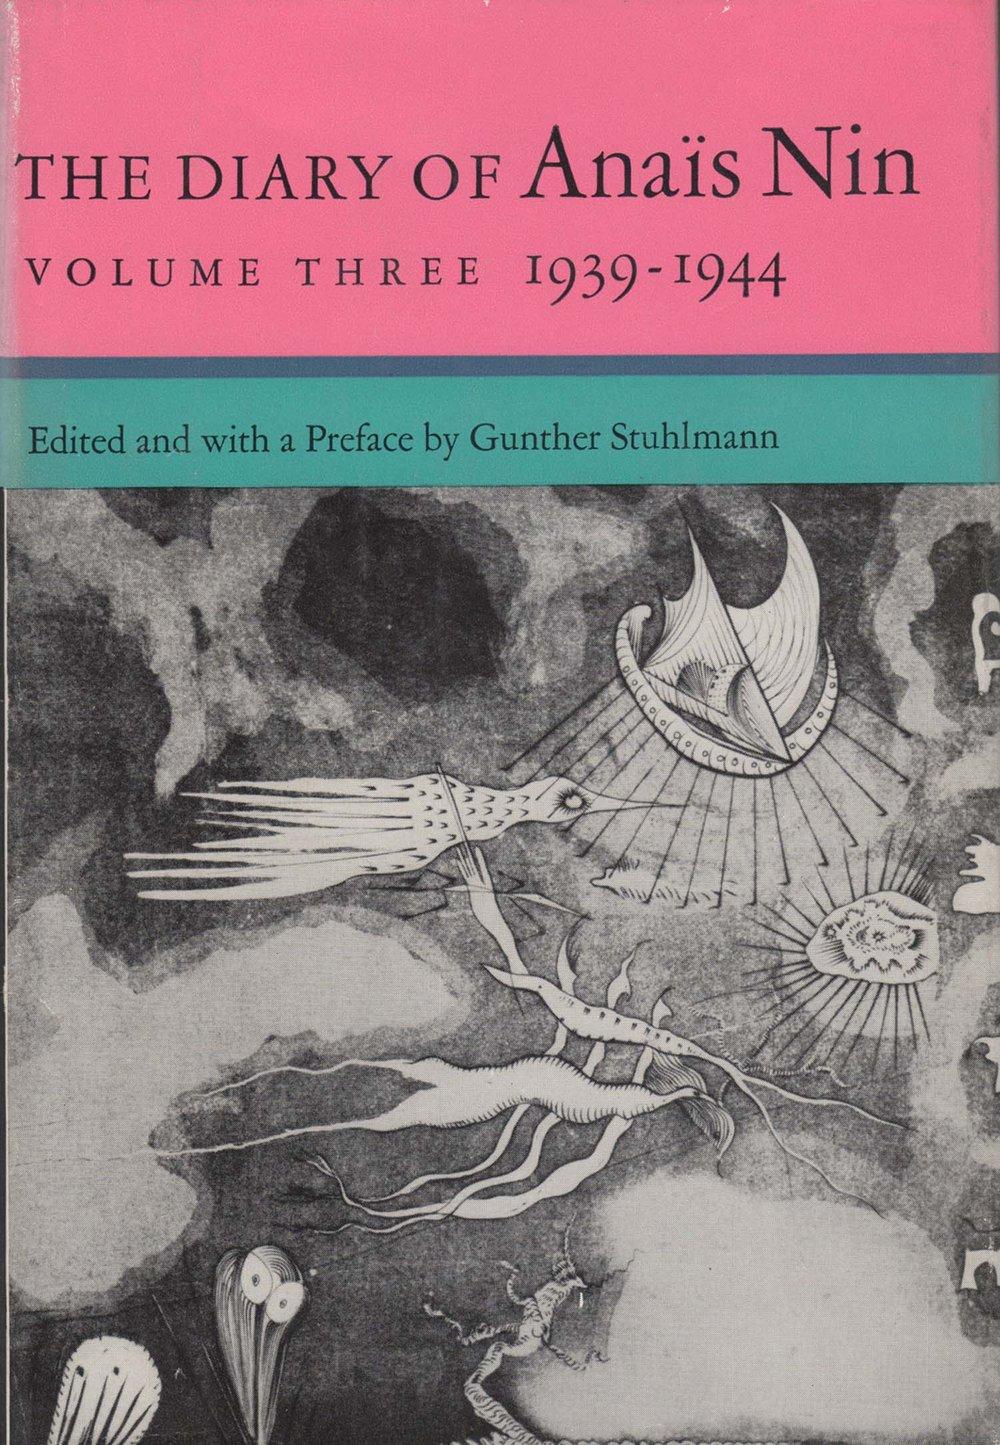 The Diary of Anais Nin Volume Three